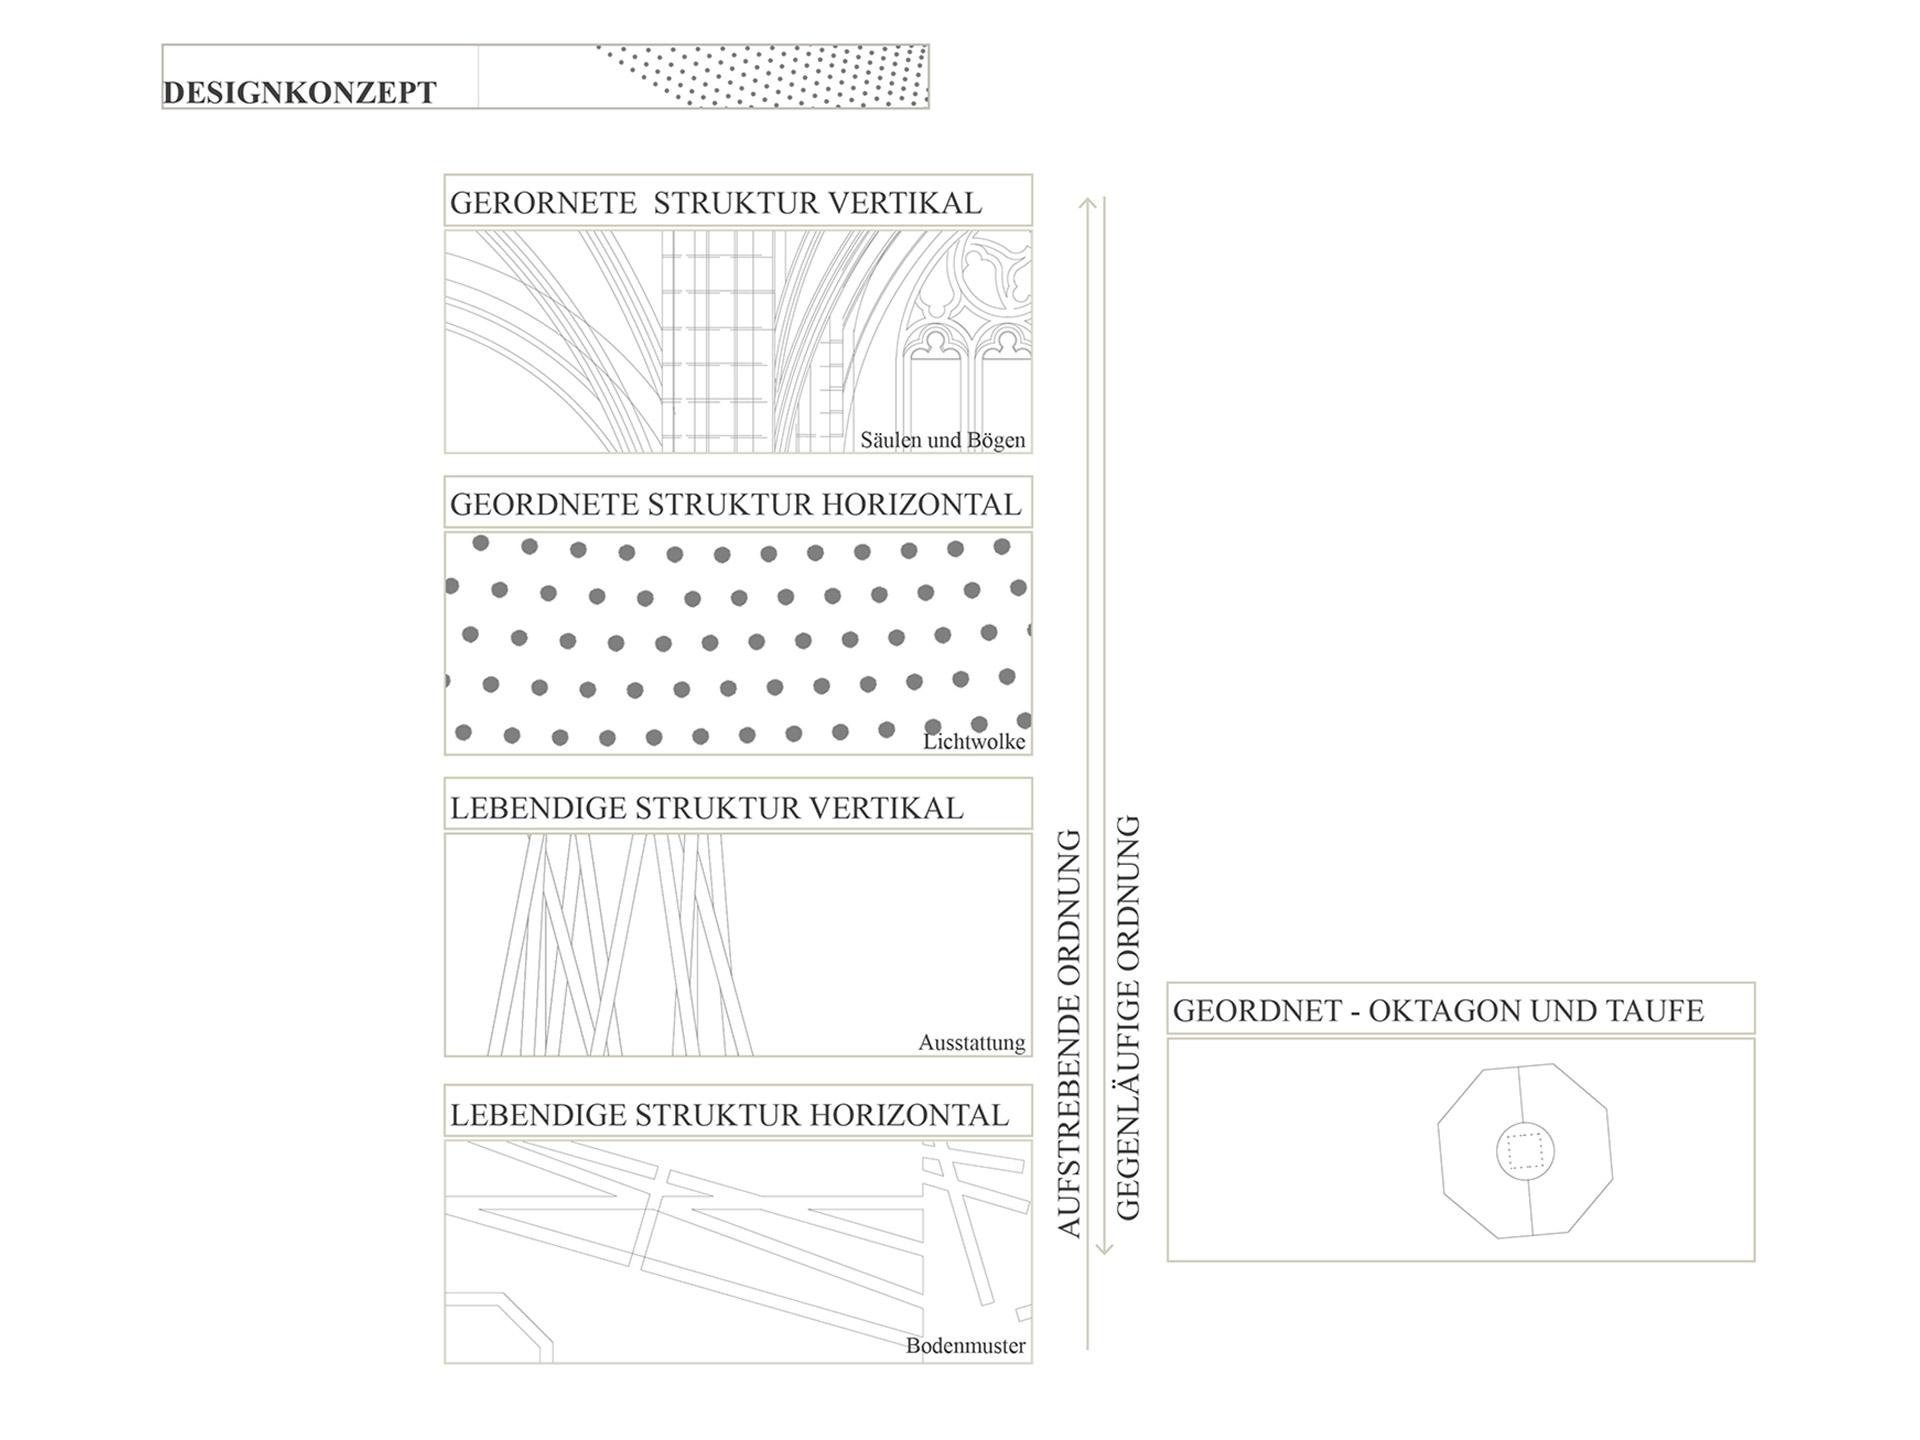 Zentrum Taufe Eisleben Designkonzept